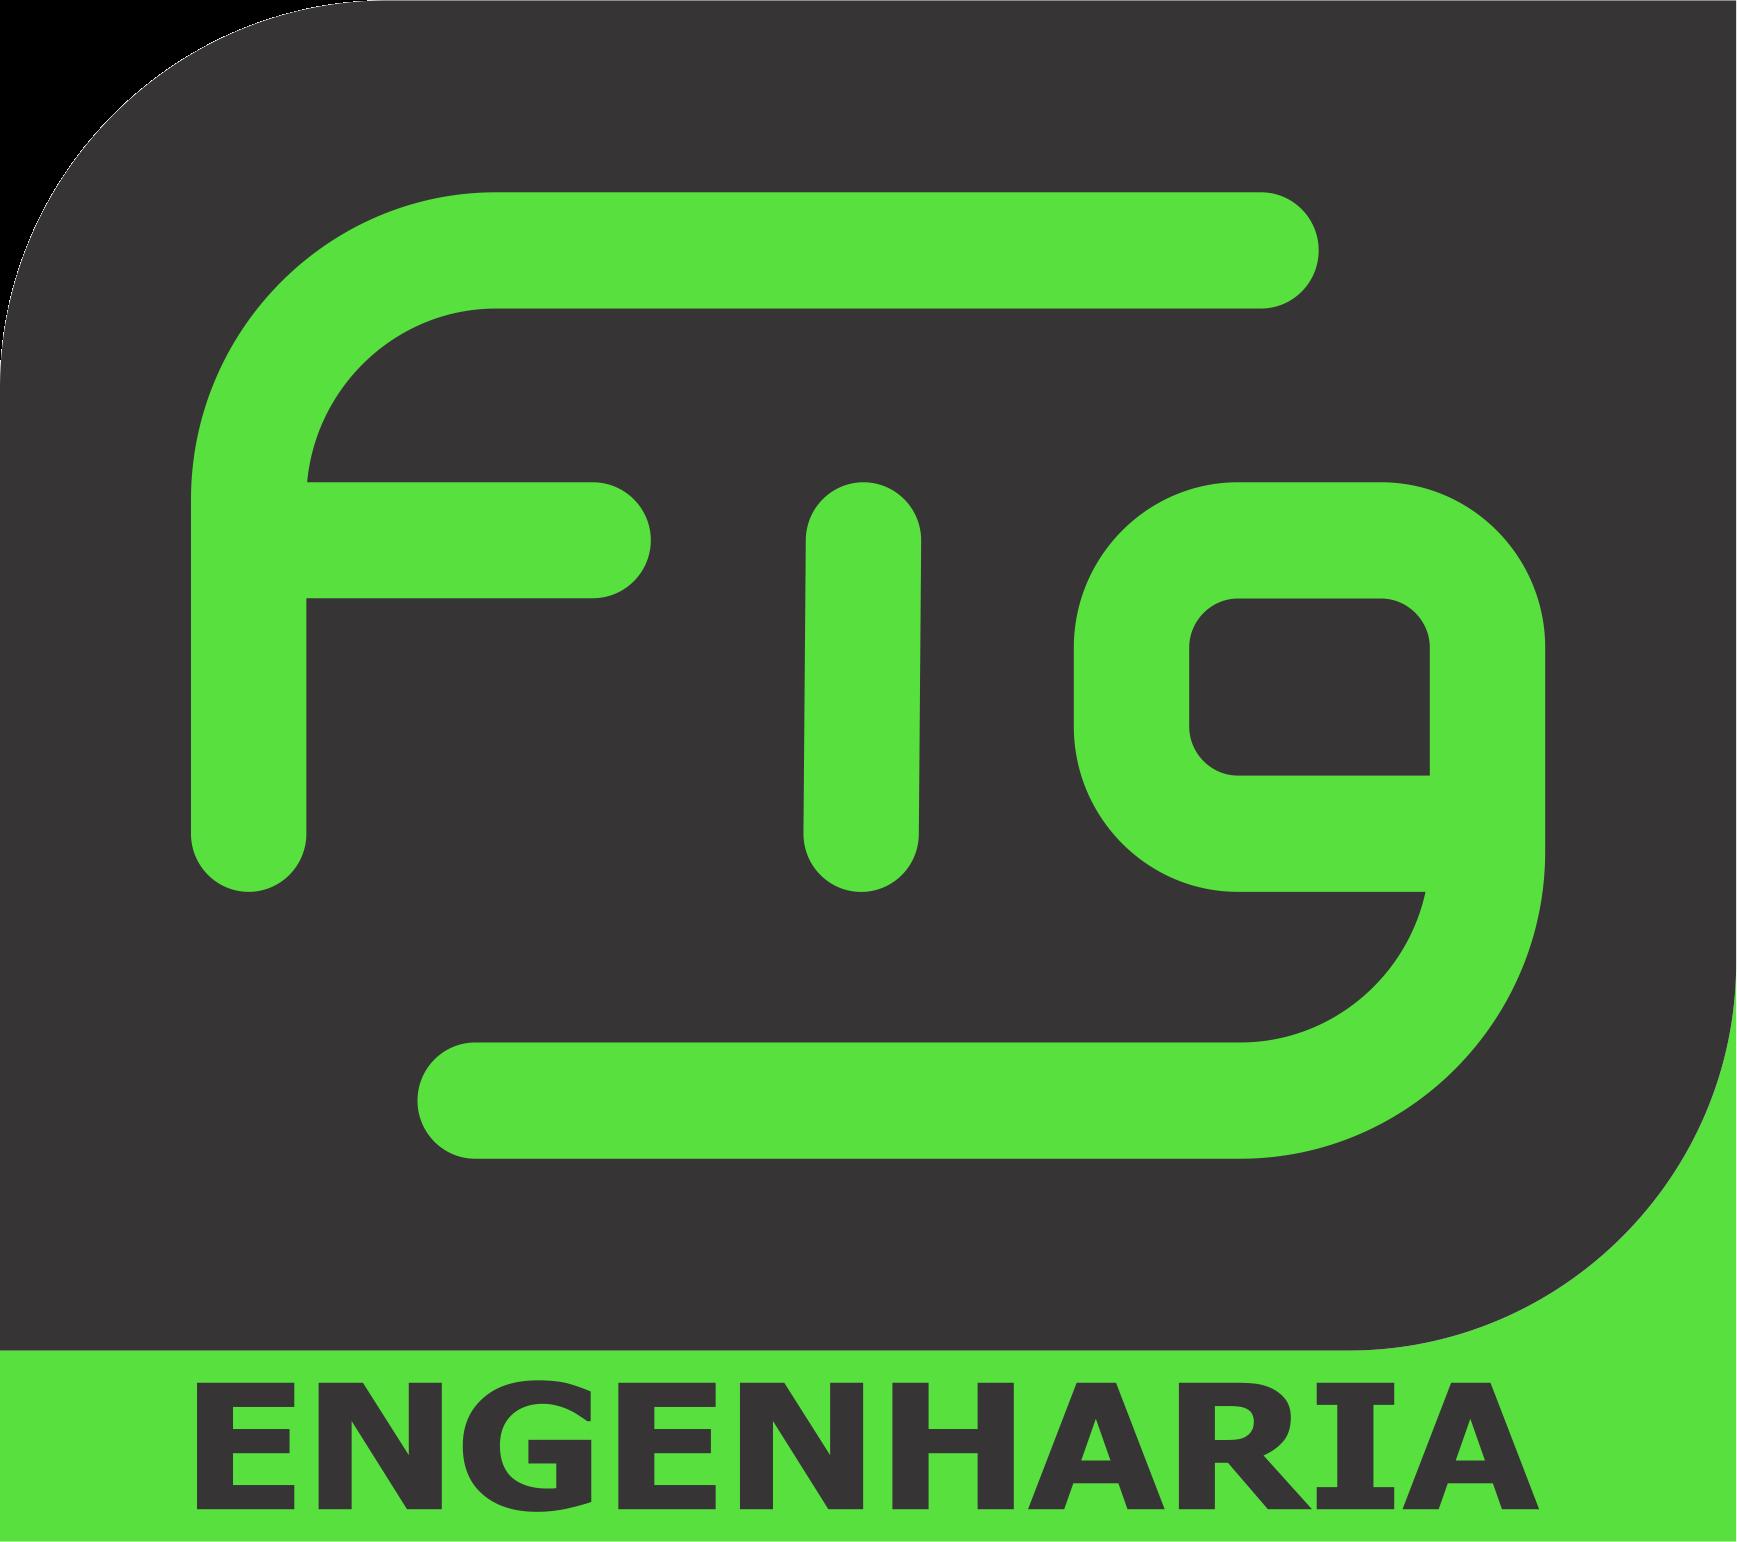 FIG Engenharia